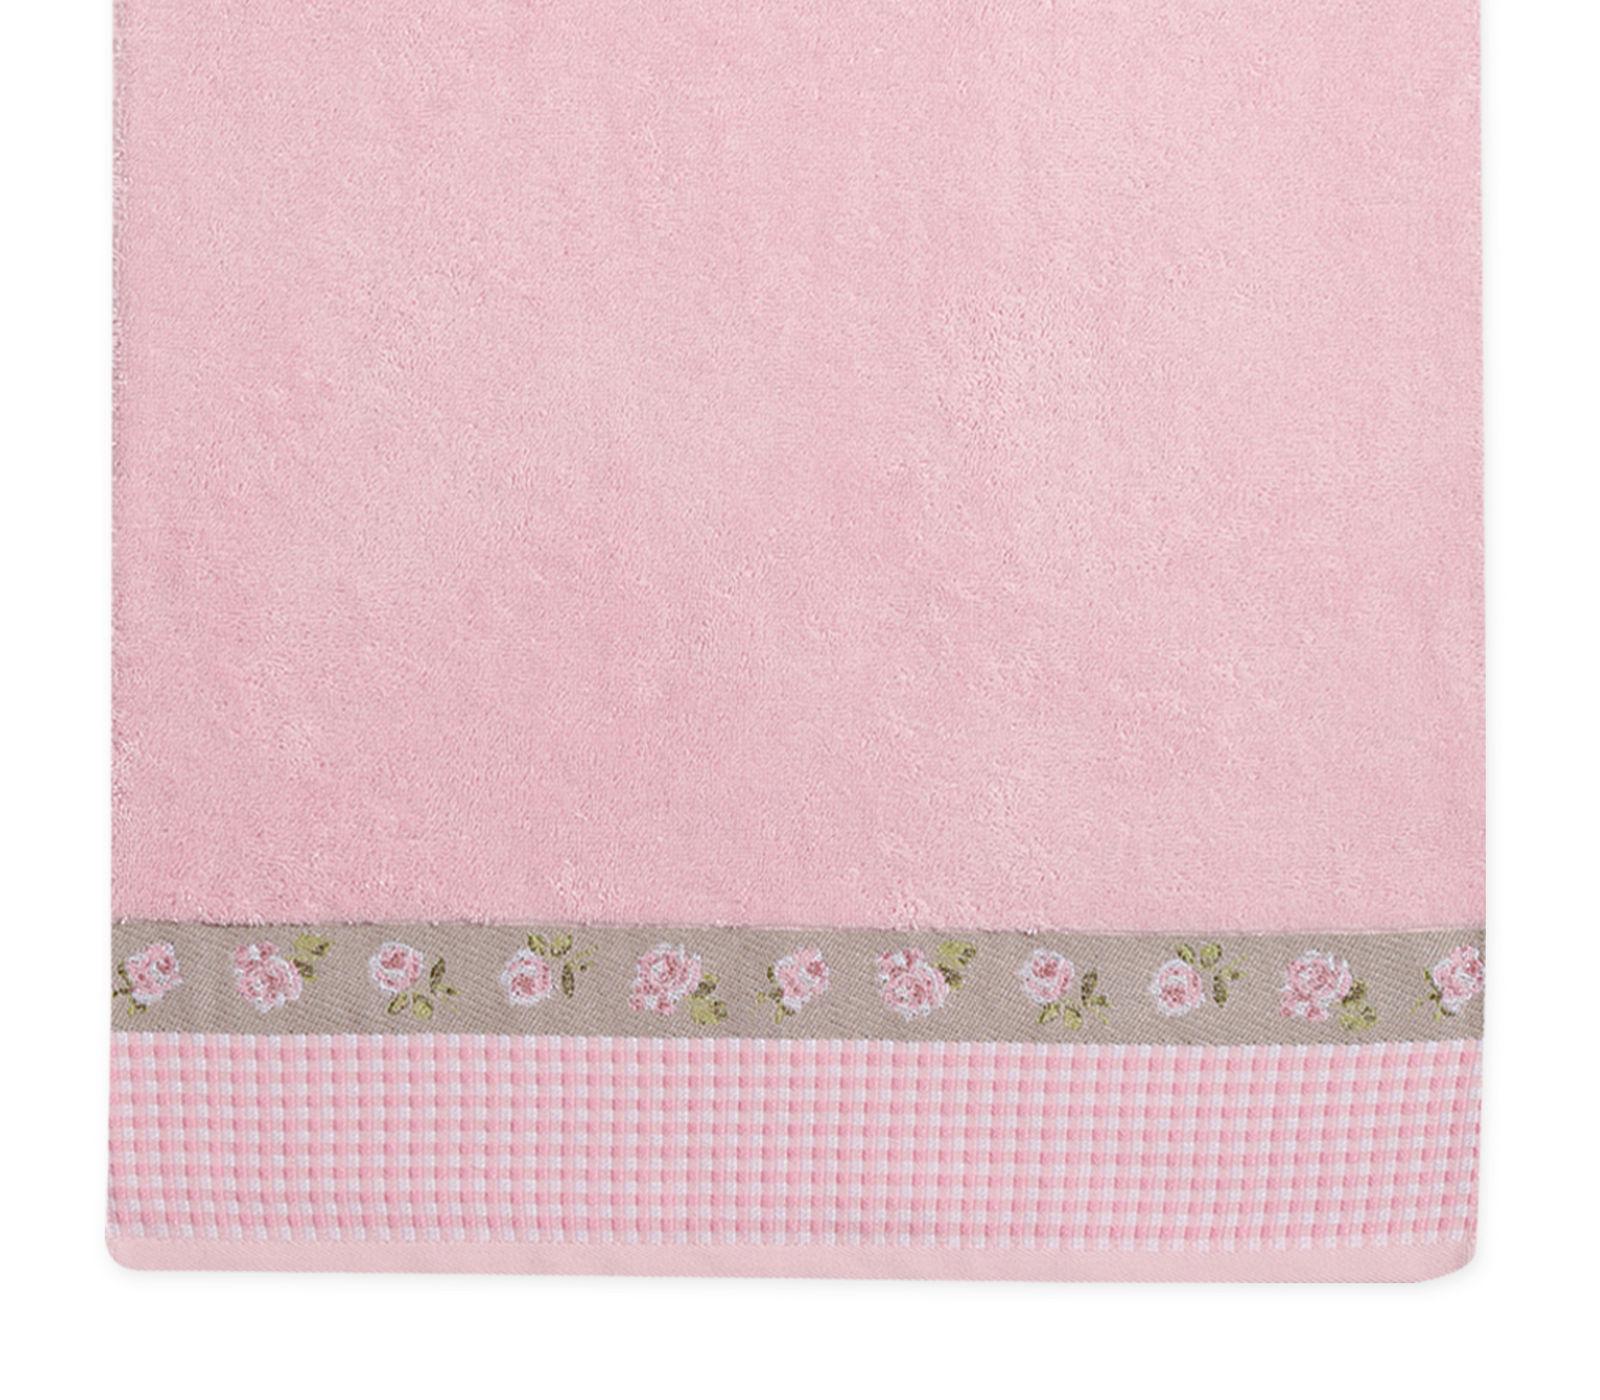 Πετσέτα Προσώπου 50×90 Nef Nef Ζακαρ Μπορντουρα Marylia Pink